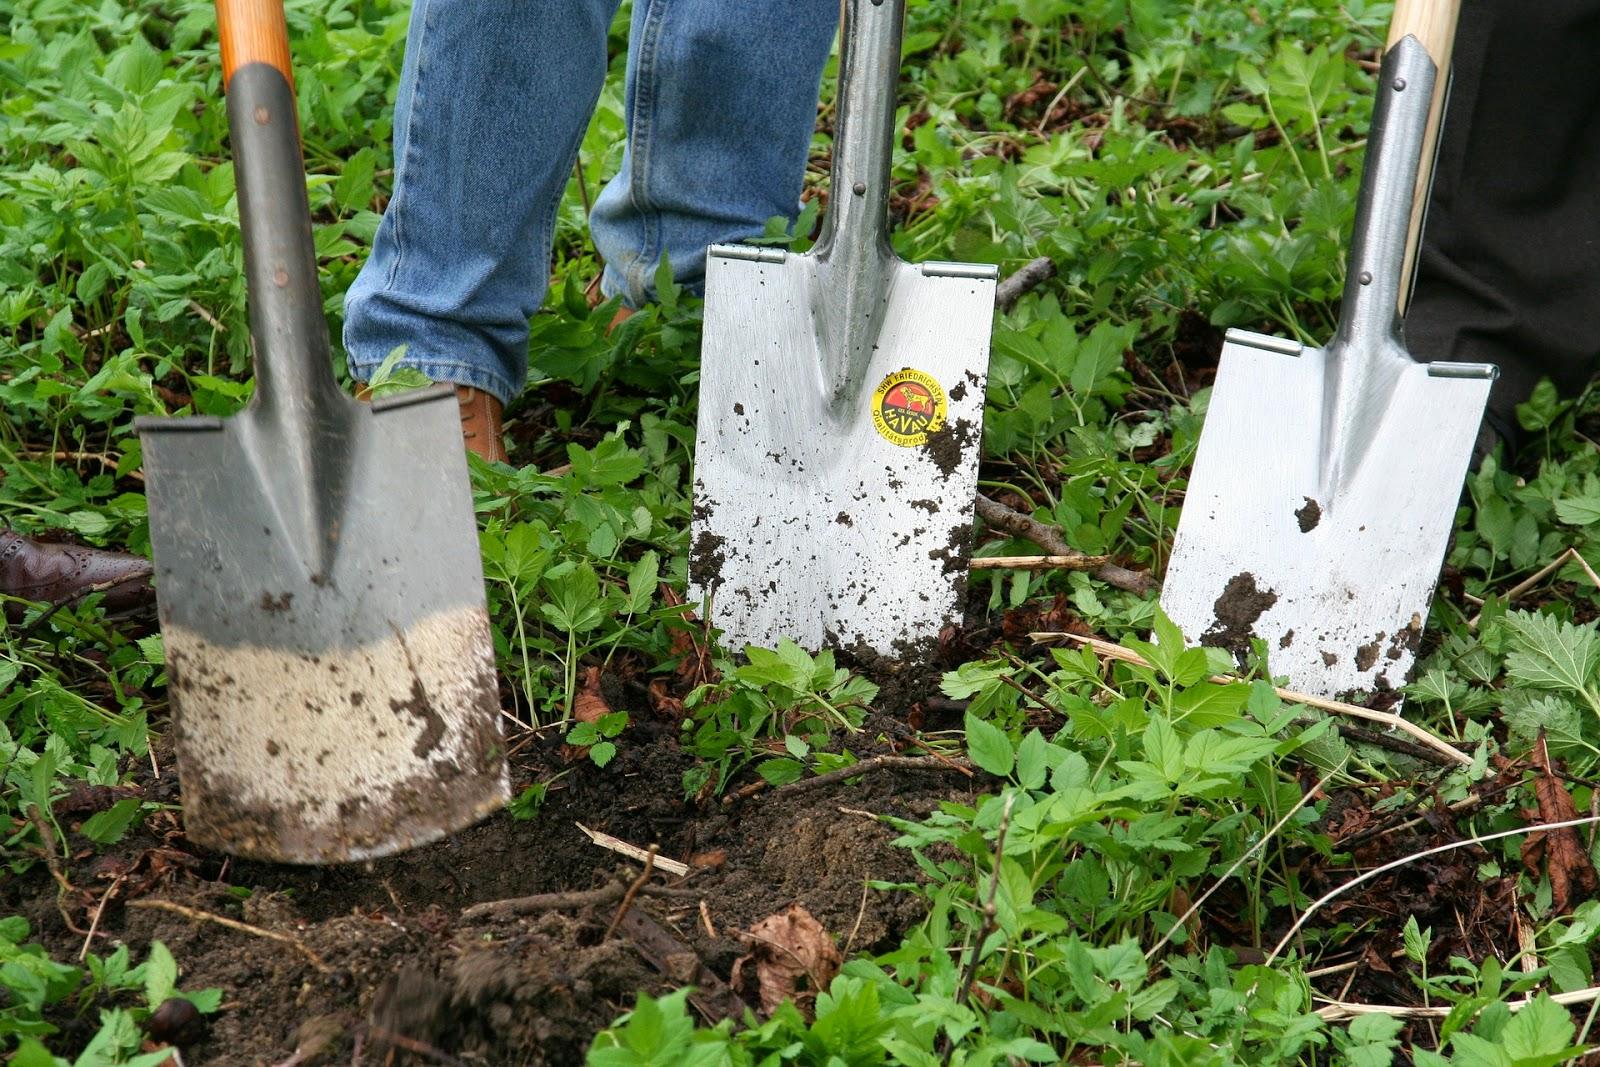 Τρόπος για να προσαρμόζονται τέλεια τα εργαλεία του κήπου σας επάνω στο ξύλο τους.